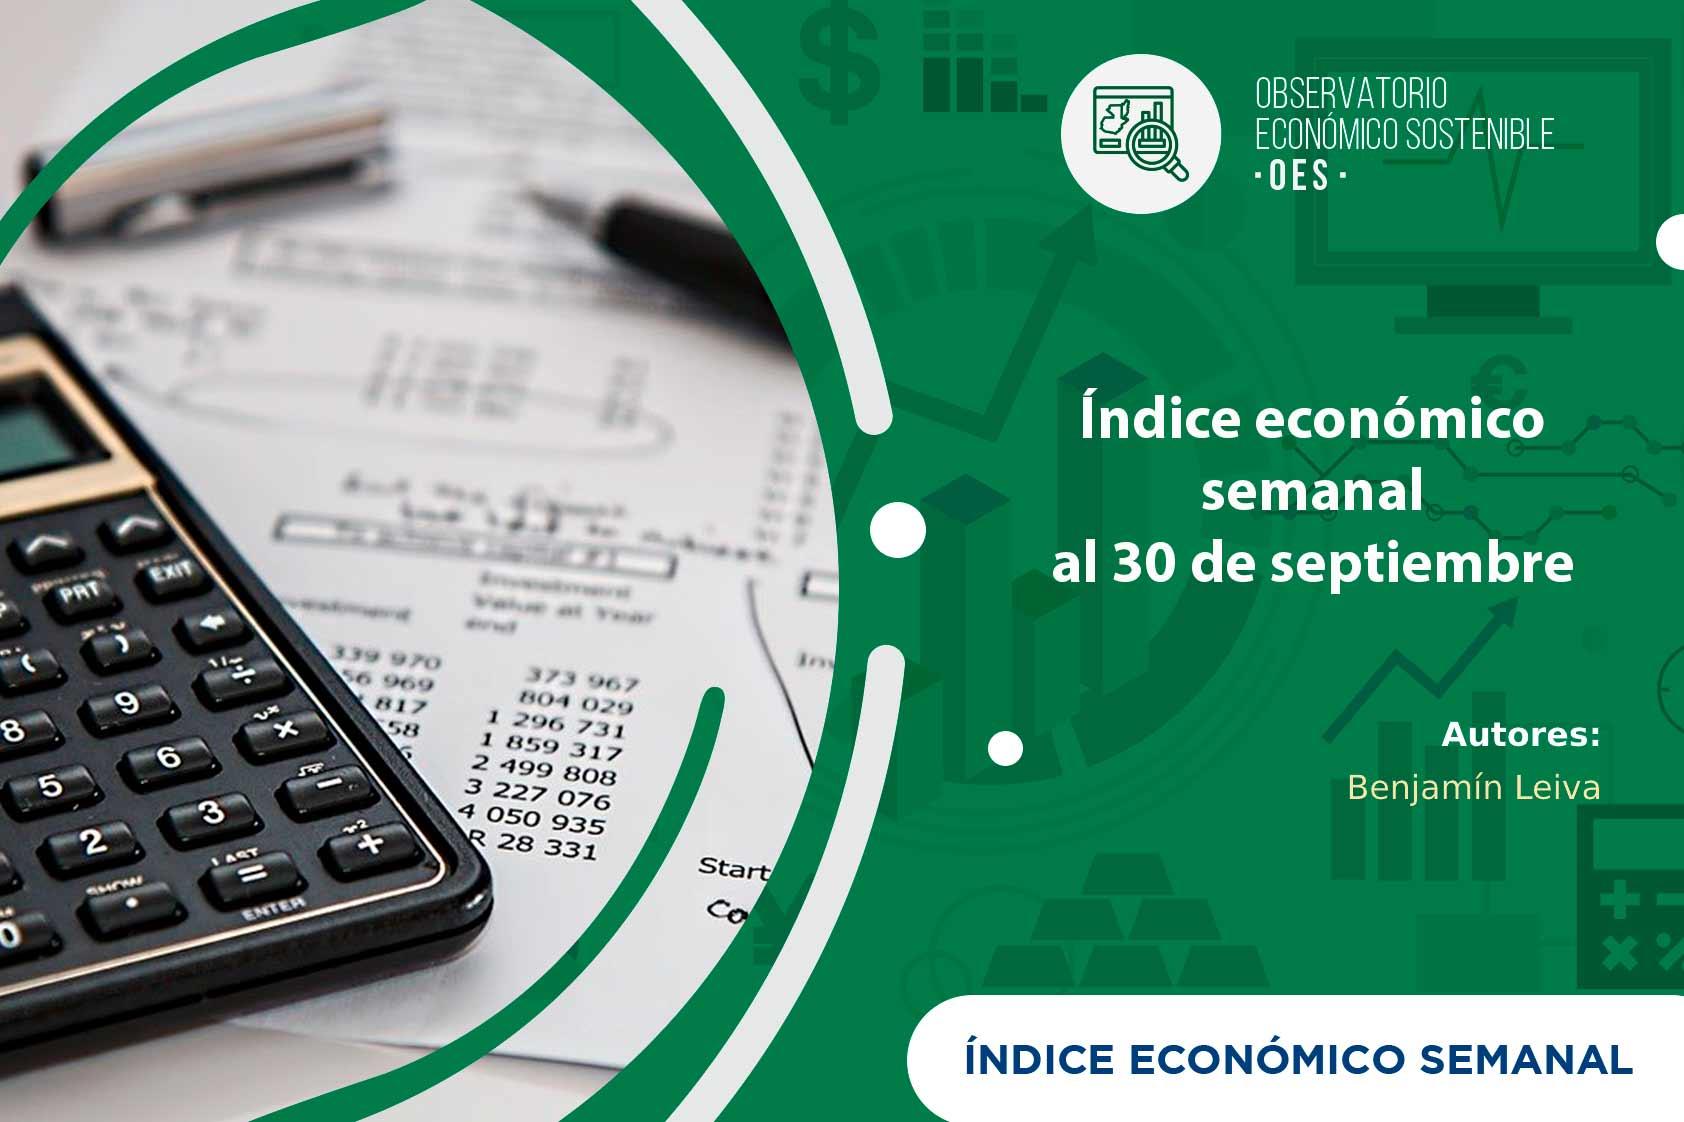 Aumento en el IES para la semana del 30 de septiembre